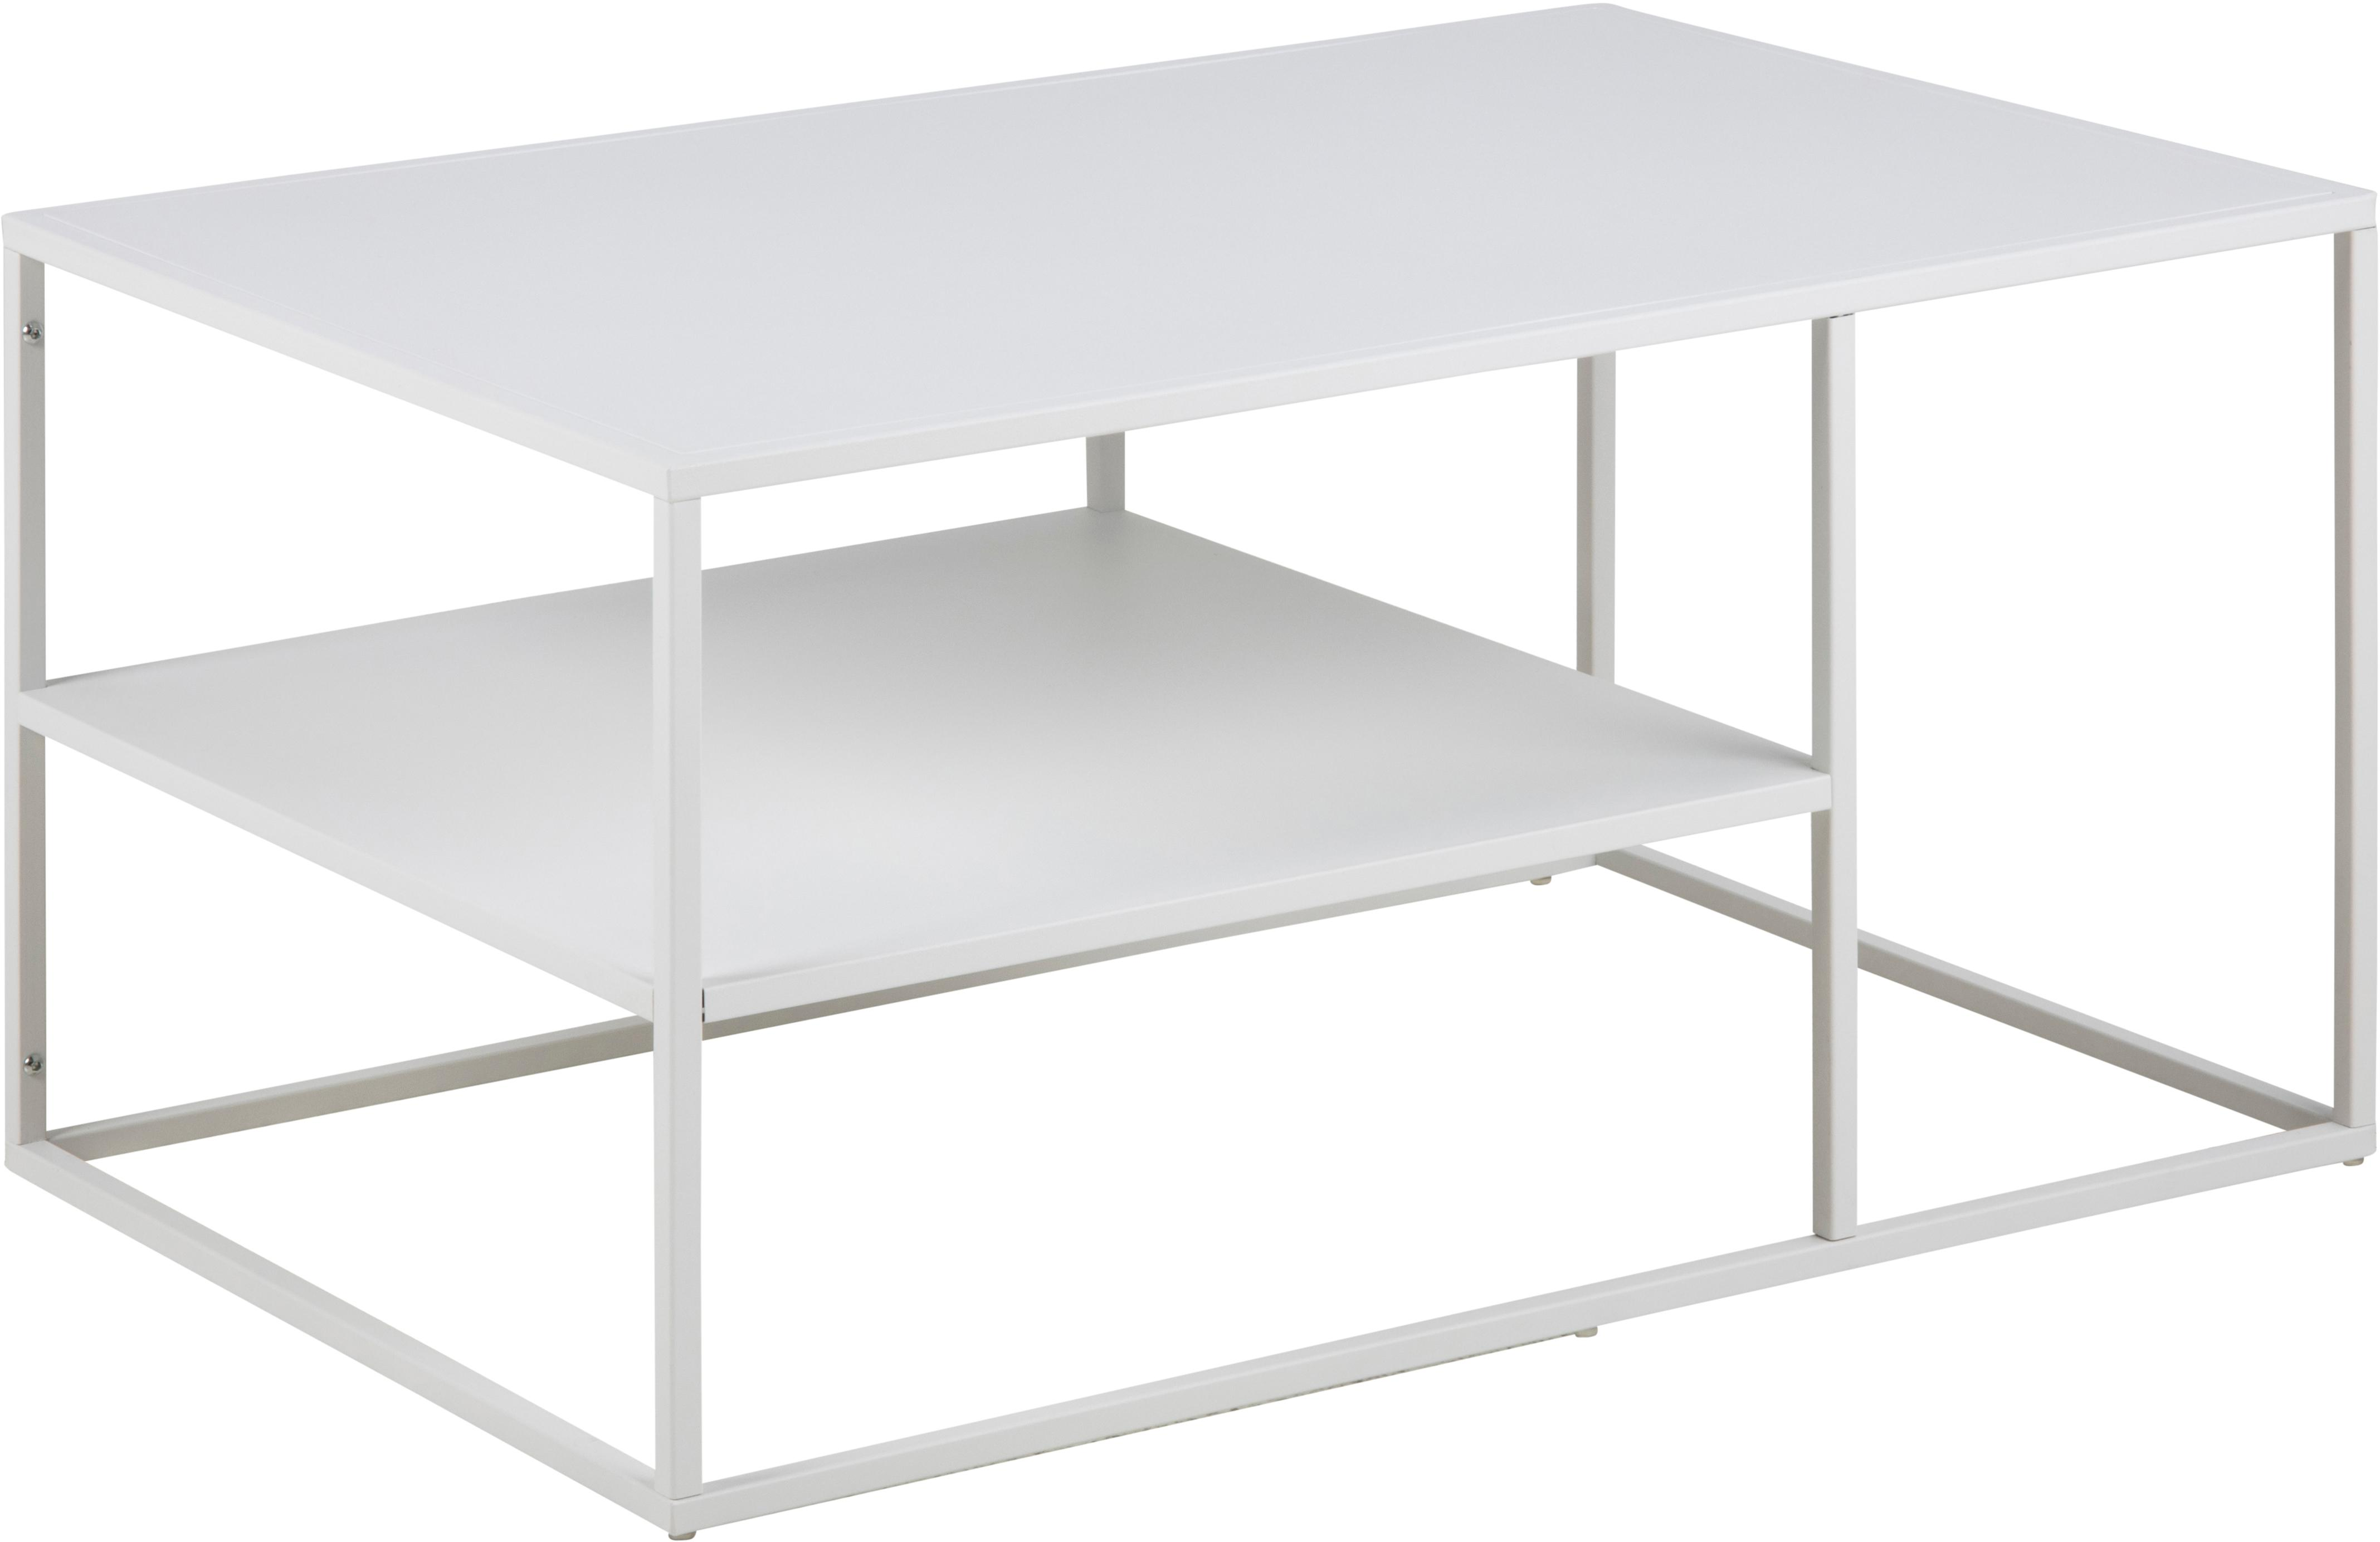 Tavolino da salotto con piano d'appoggio Newton, Metallo verniciato a polvere, Bianco, Larg. 90 x Alt. 45 cm